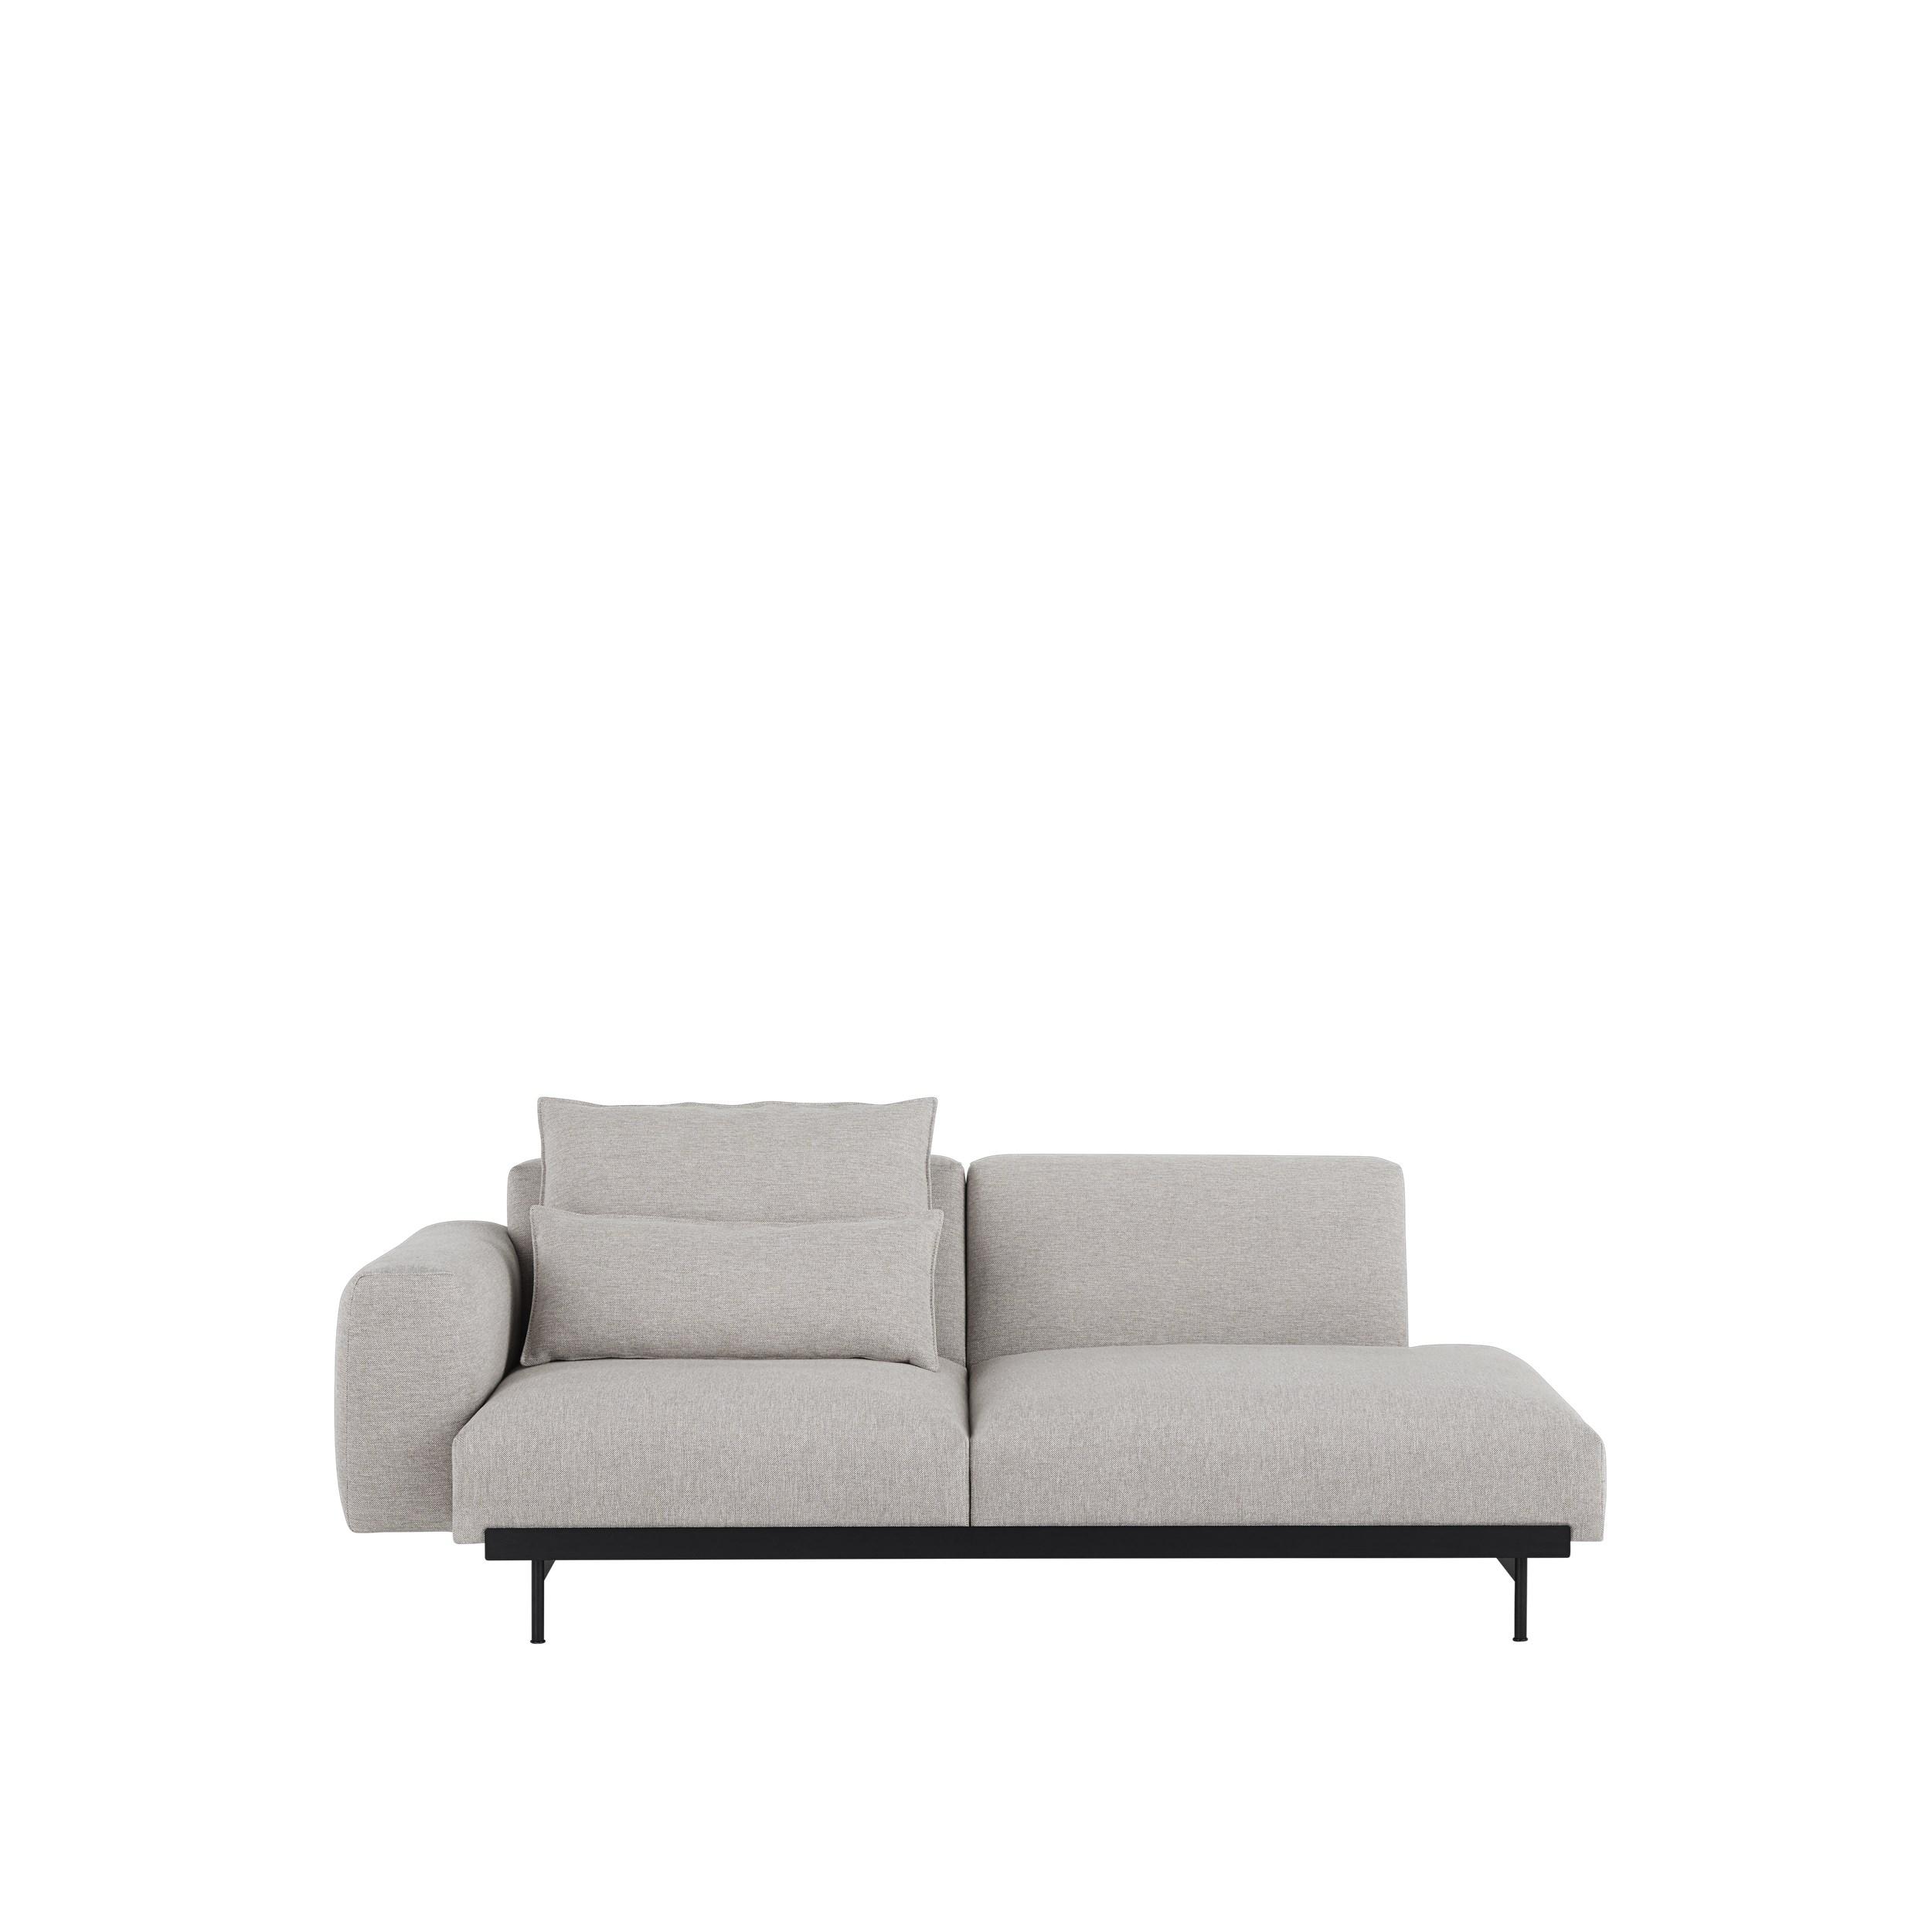 IN SitU Modular Sofa 2 seater no 3